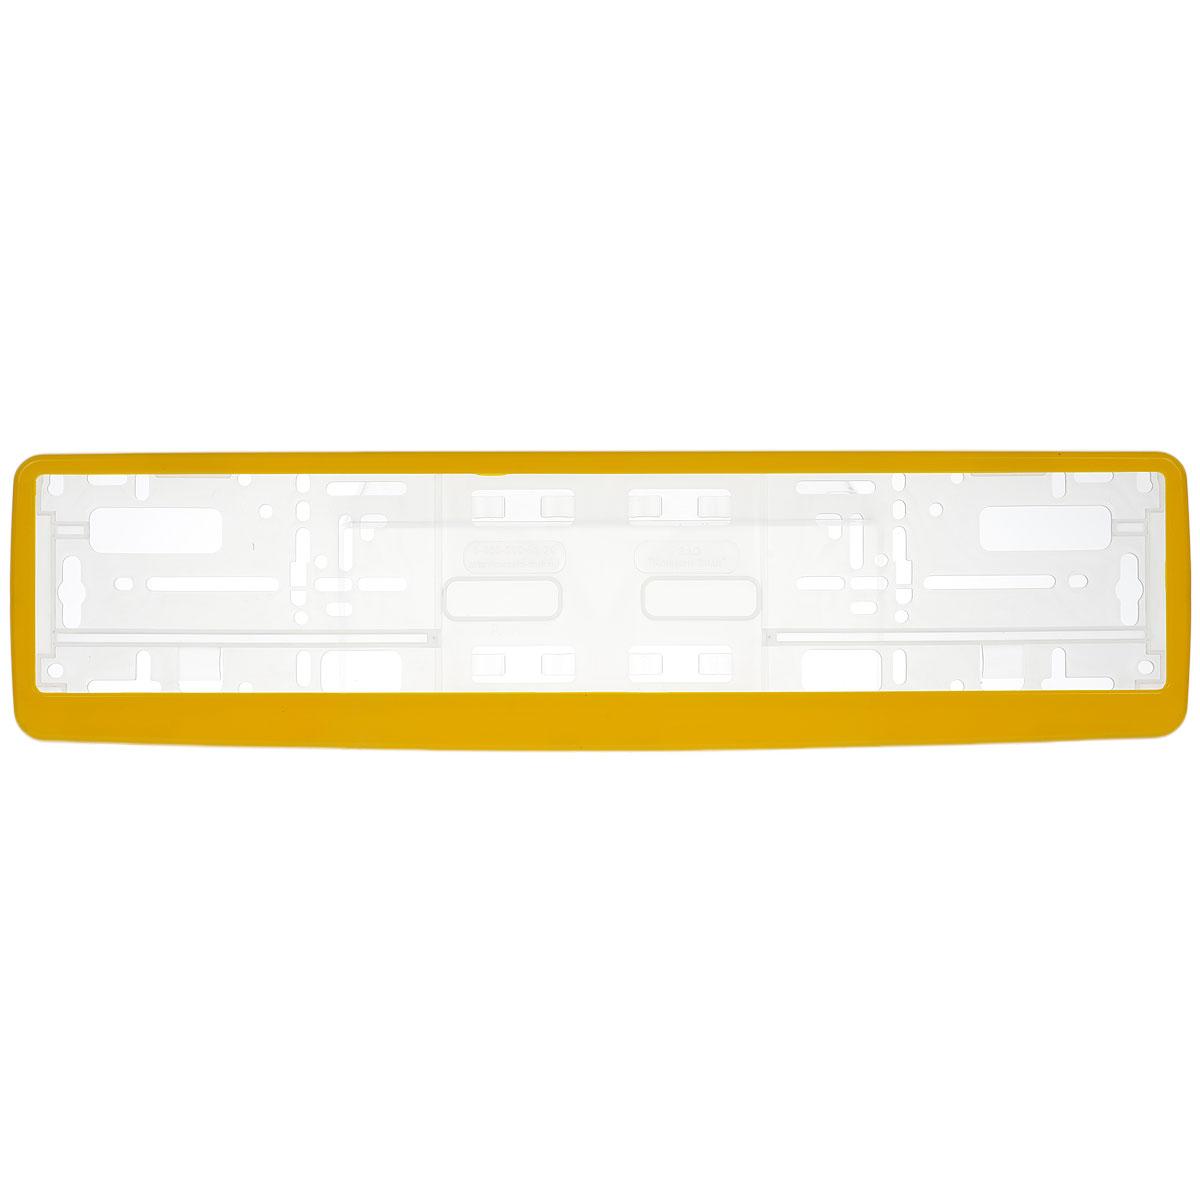 Рамка под номер Концерн Знак, цвет: желтыйЗ0000014567Рамка Концерн Знак не только закрепит регистрационный знак на вашем автомобиле, но и красиво его оформит. Основание рамки выполнено из полипропилена, материал лицевой панели - пластик. Она предназначена для крепления регистрационного знака российского и европейского образца. Устанавливается на все типы автомобилей. Крепления в комплект не входят. Стильный дизайн идеально впишется в экстерьер вашего автомобиля. Размер рамки: 53,5 см х 13,5 см. Размер регистрационного знака: 52,5 см х 11,5 см.